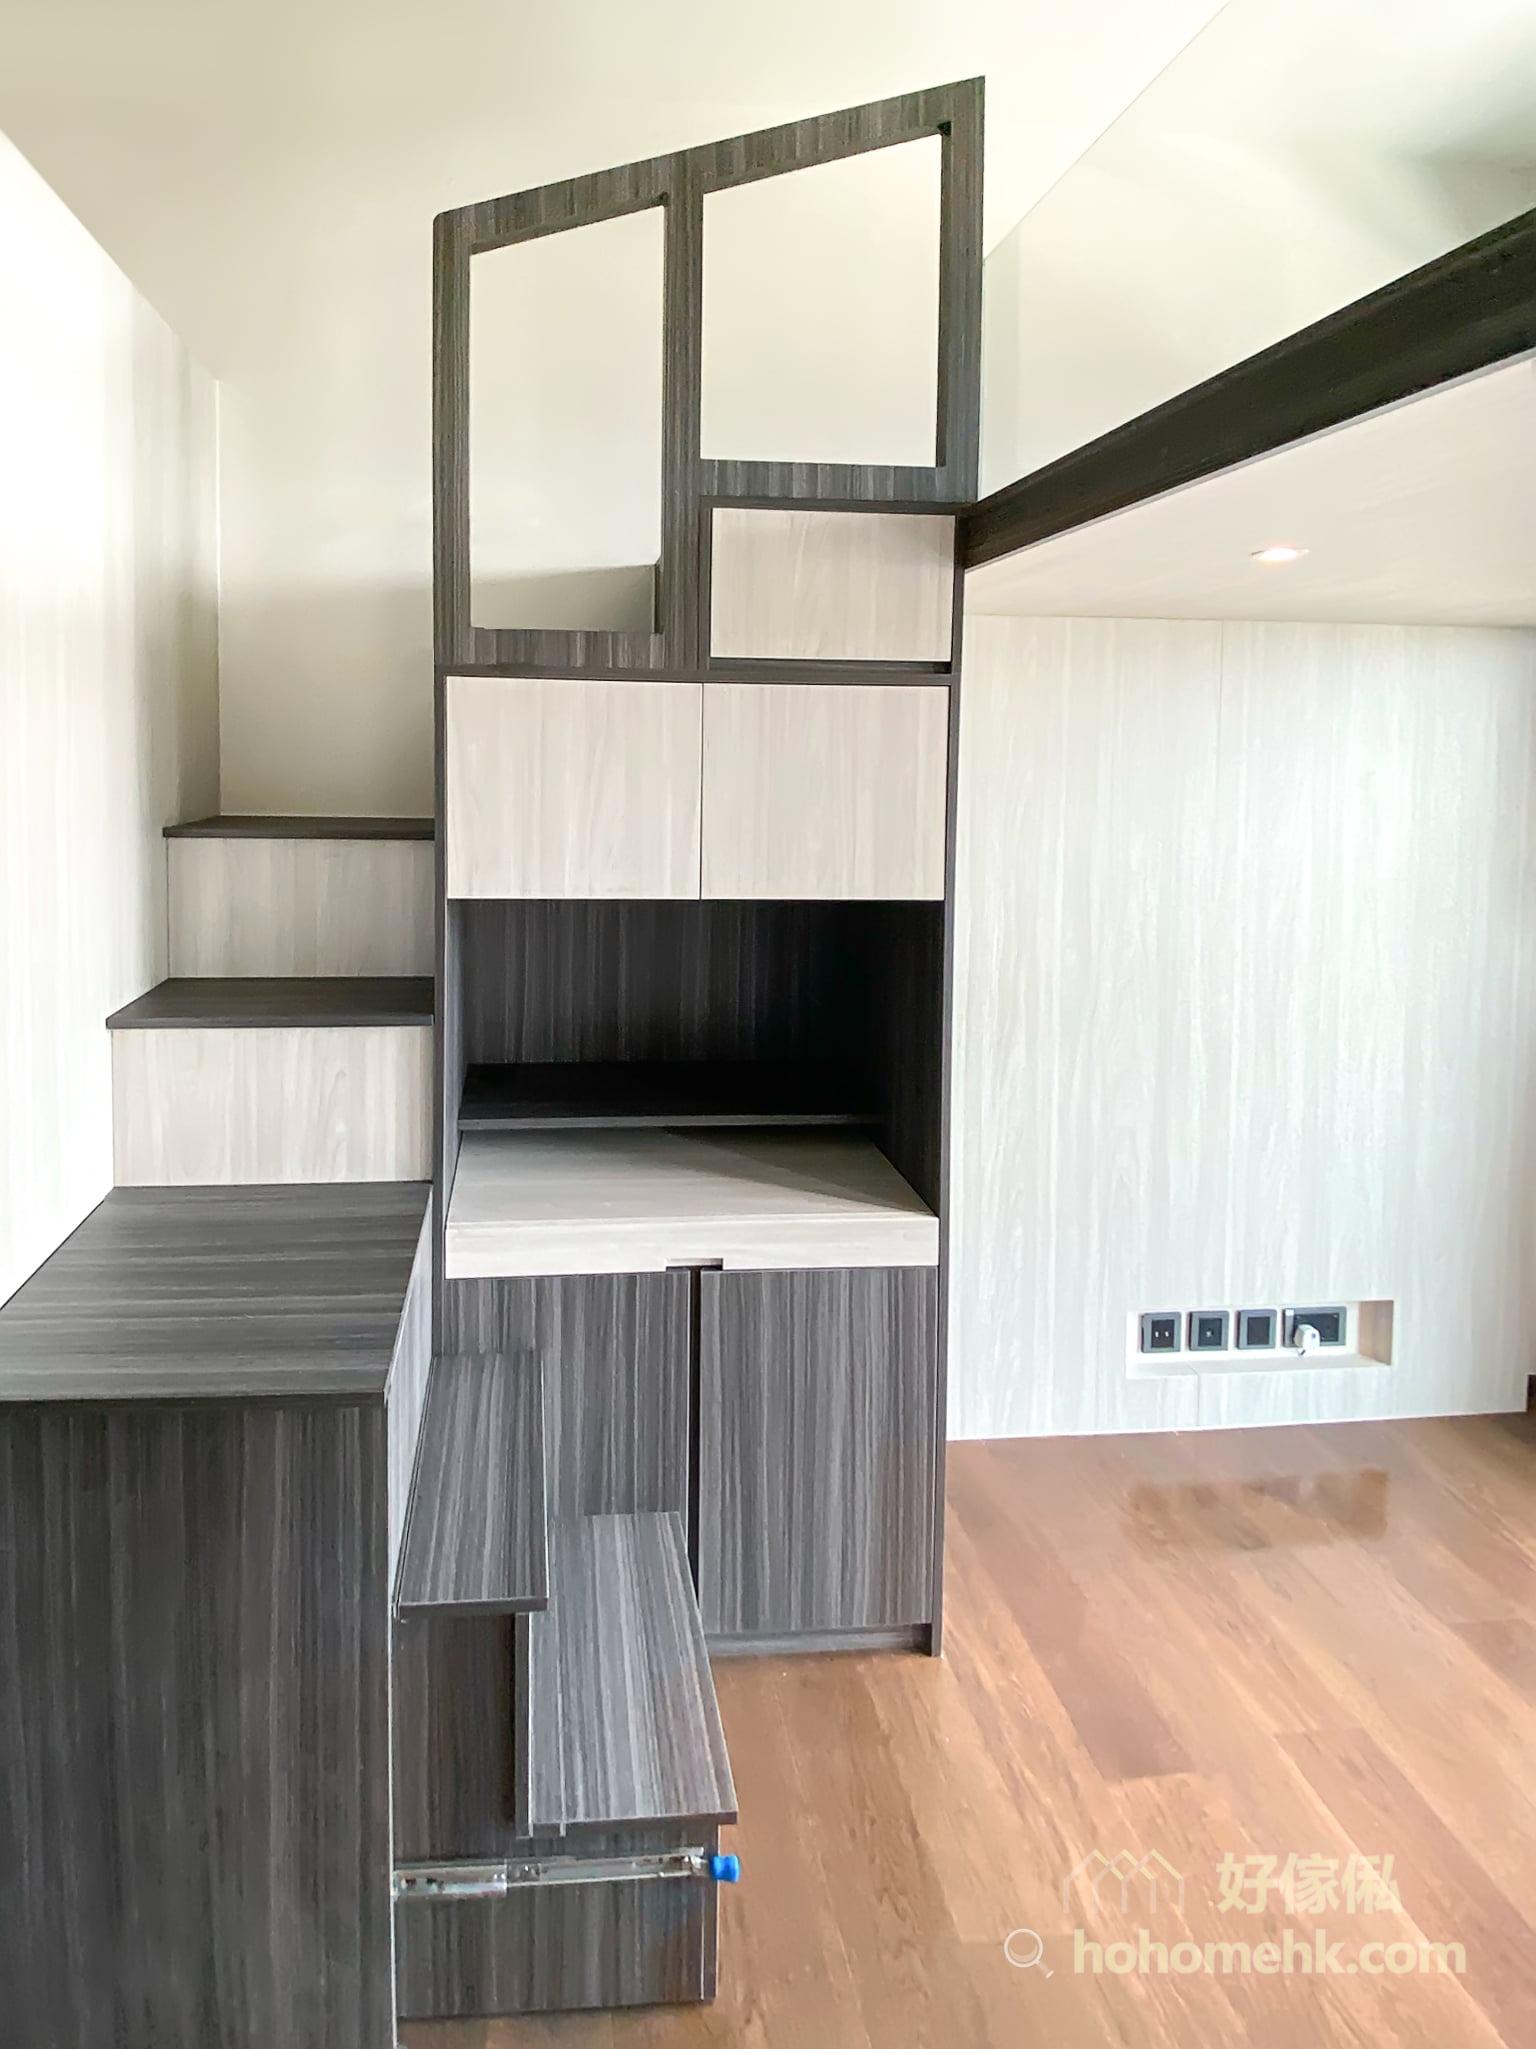 最矮的幾級樓梯可以造成隱形樓梯,平時可以把樓梯推進矮櫃裡,使用時從矮櫃拉出來便多了兩級樓梯,慳位又美觀